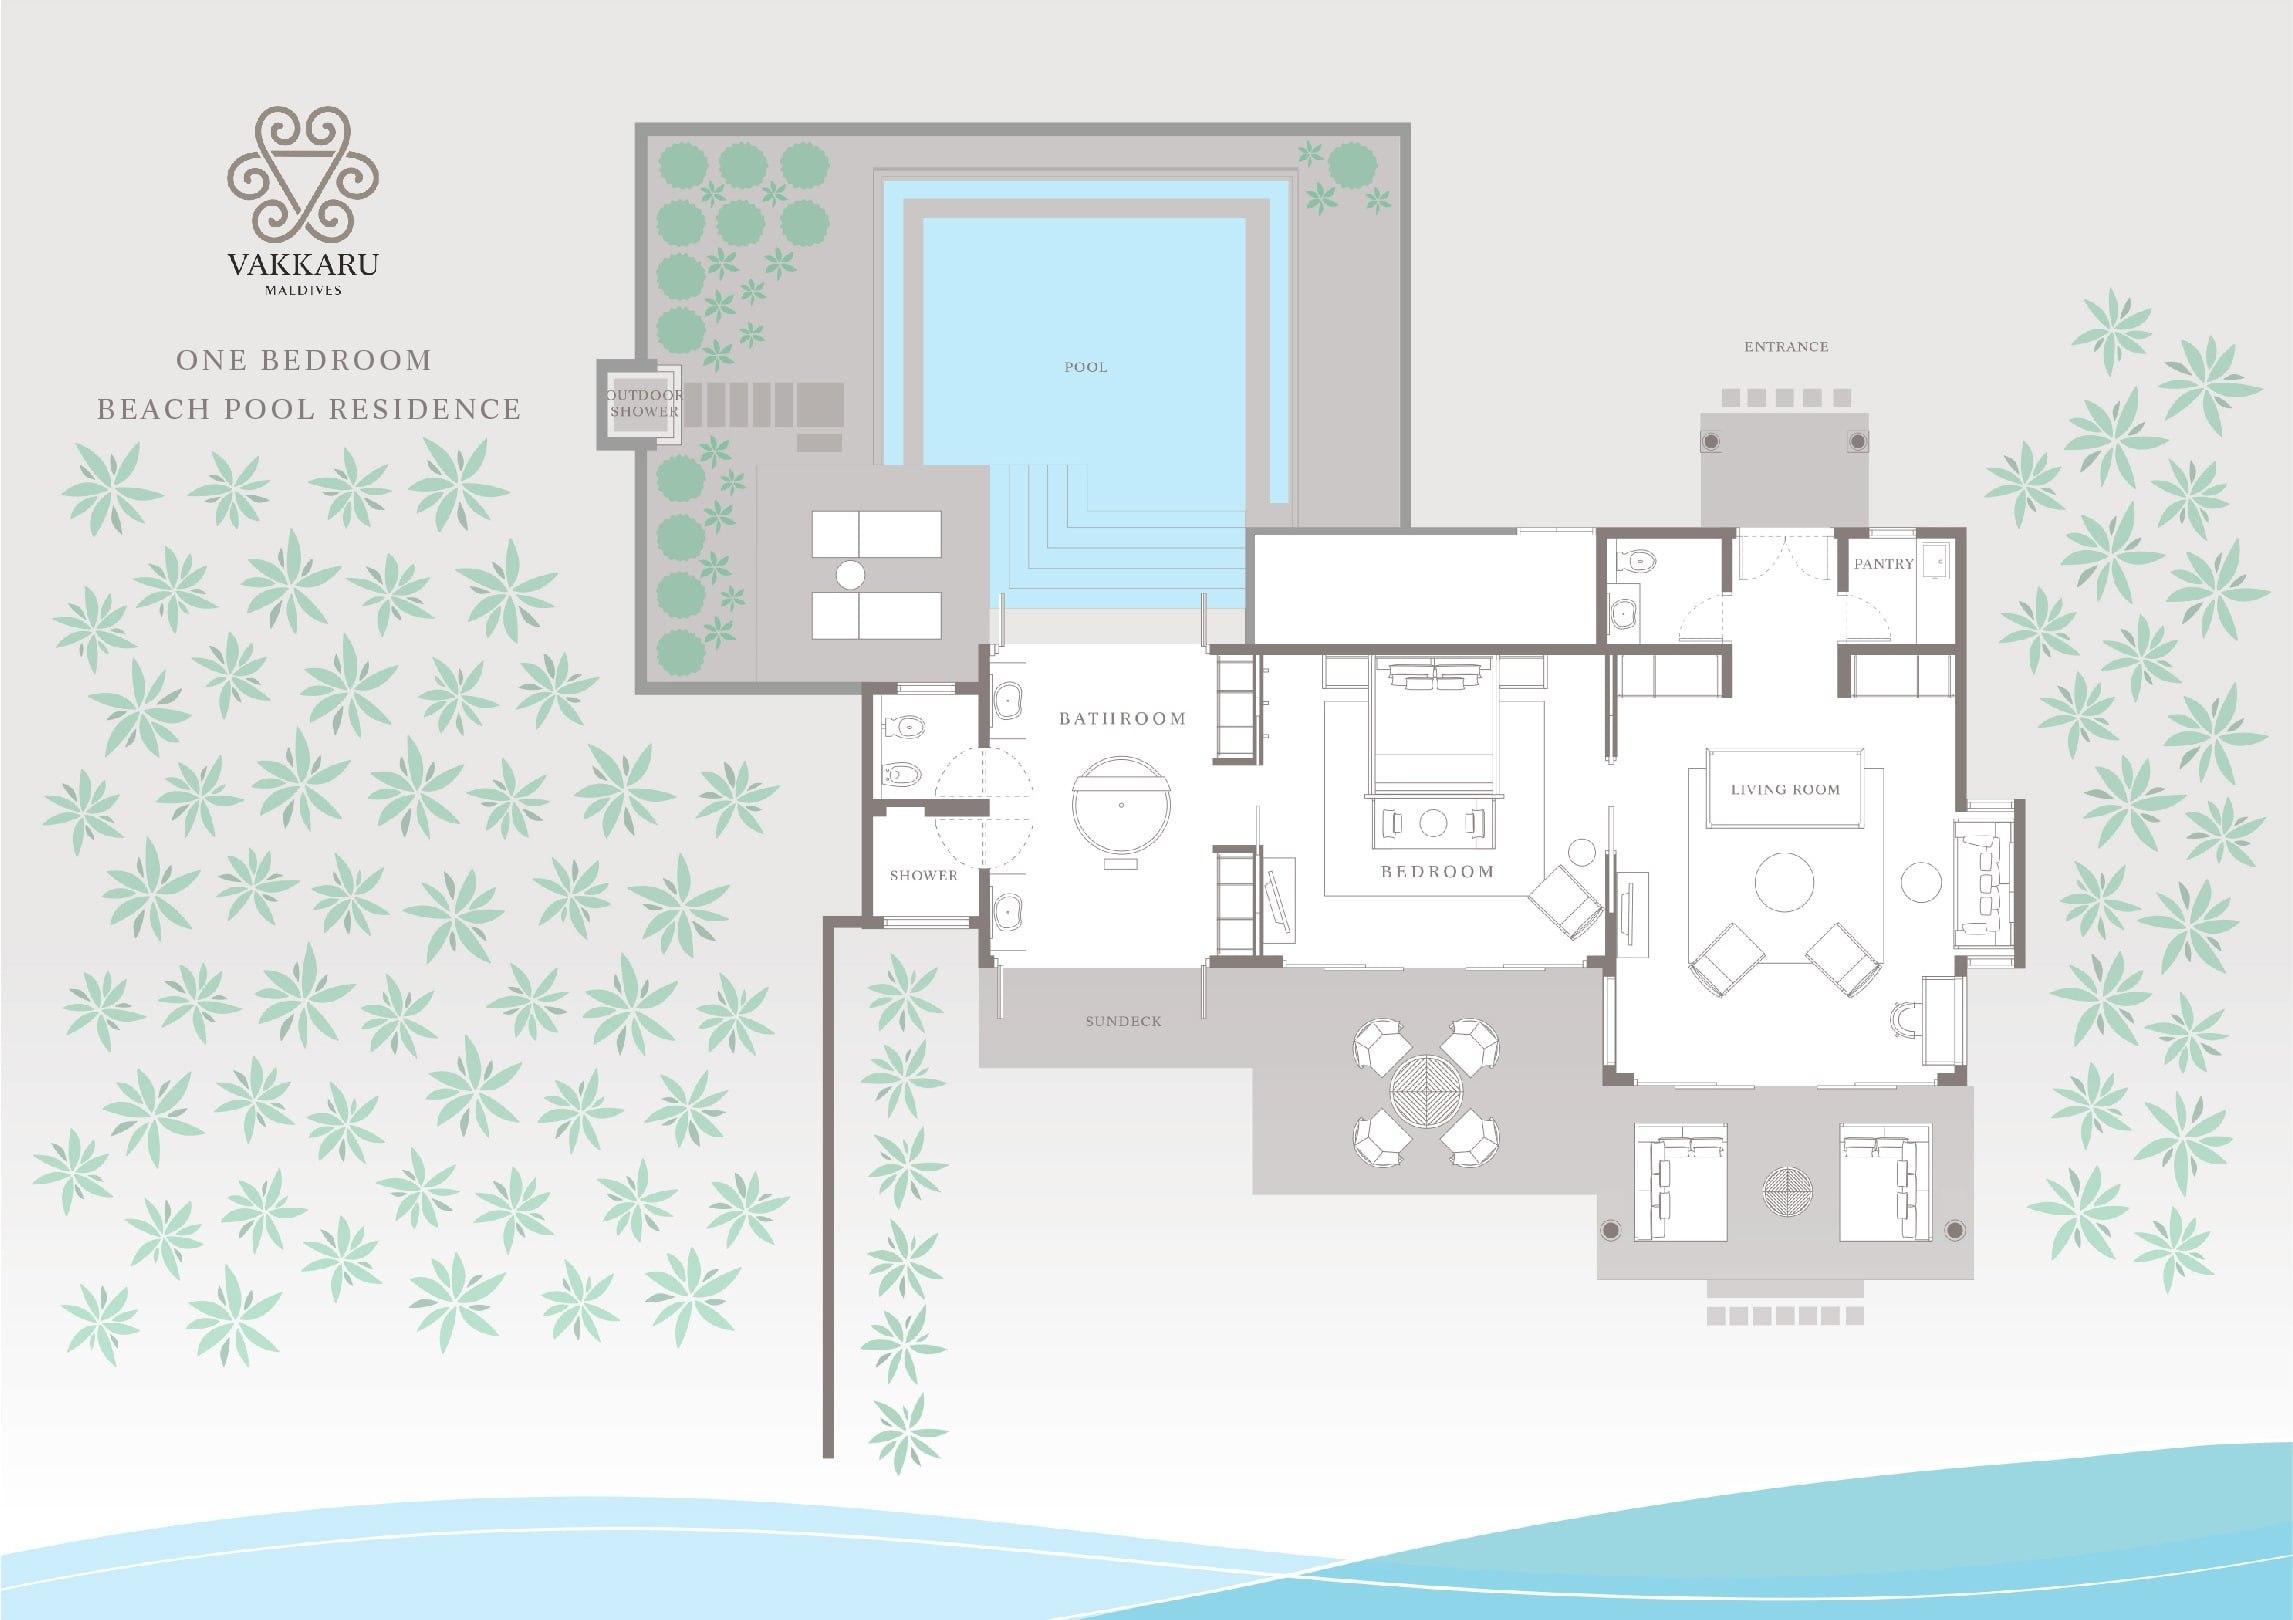 Мальдивы, отель Vakkaru Maldives, план-схема номера Beach Pool Residence